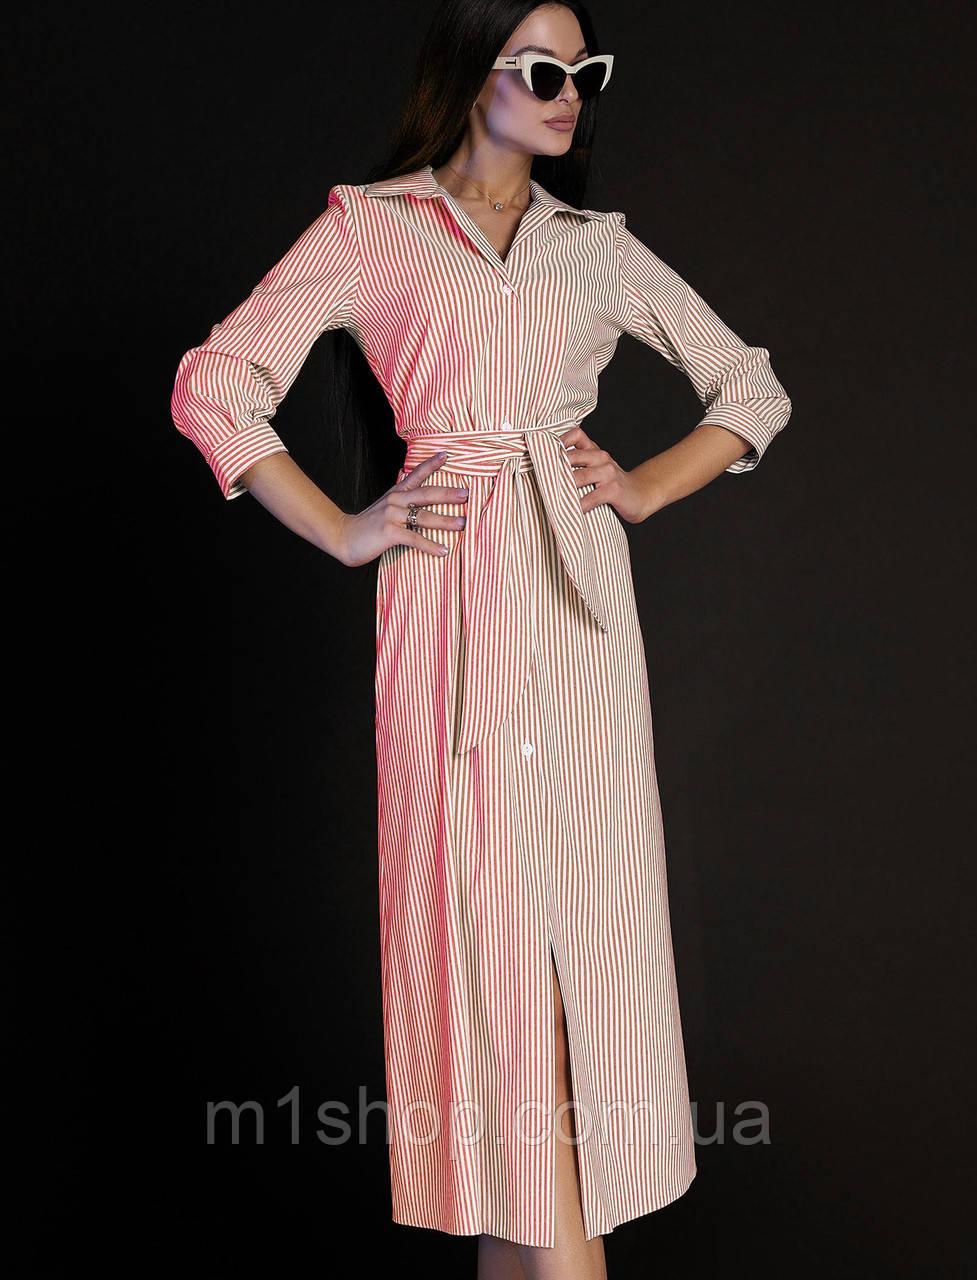 Женское платье-рубашка в полоску (Рио jd)